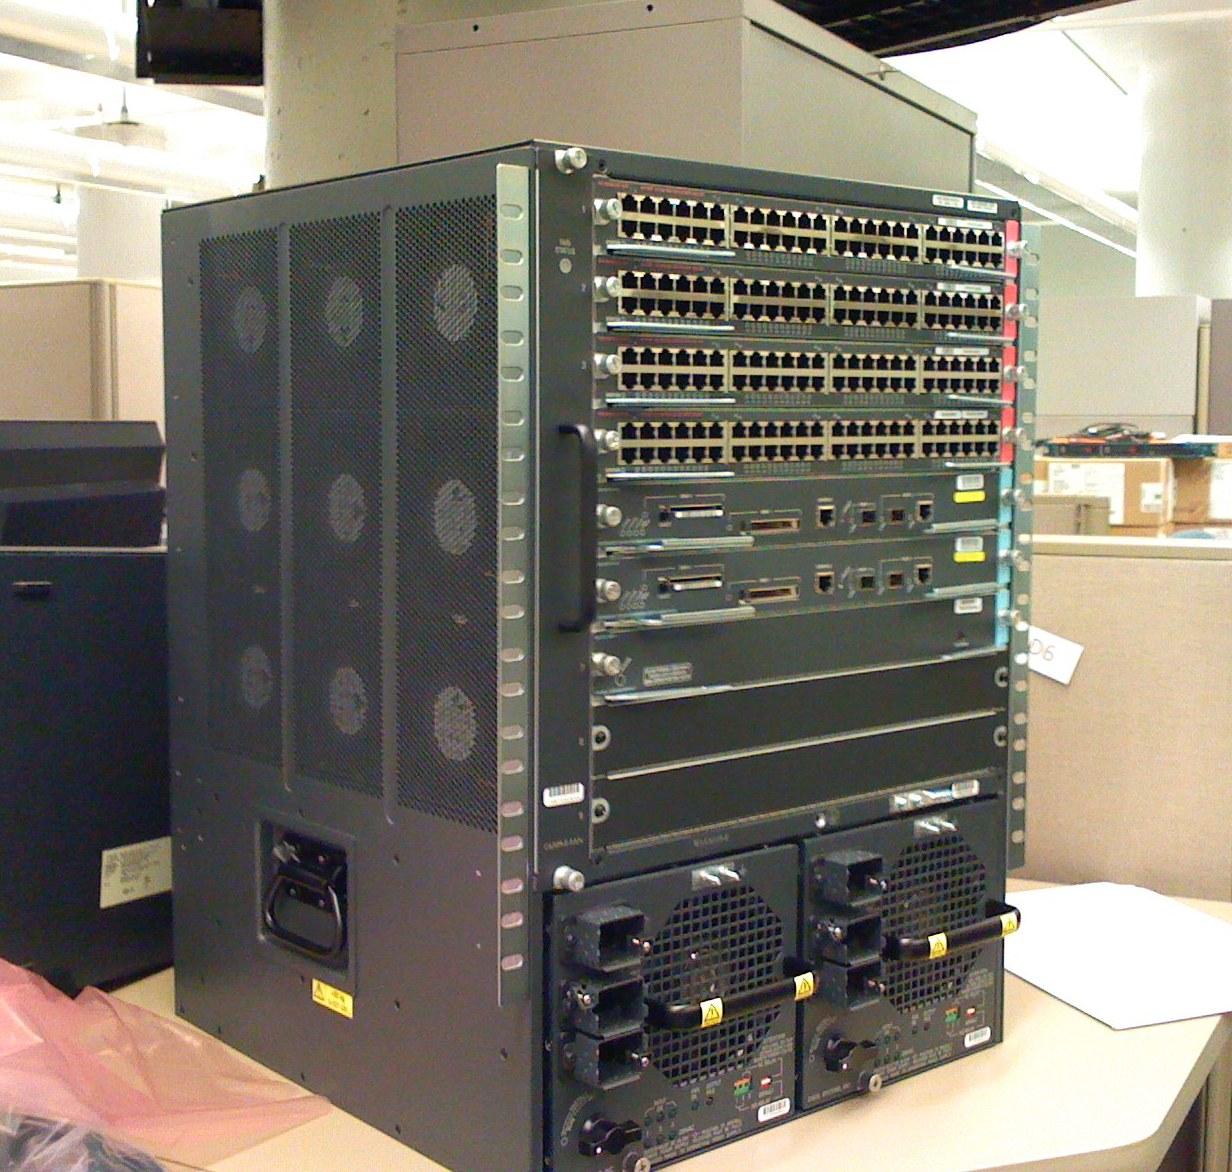 Catalyst 6500 - Wikipedia